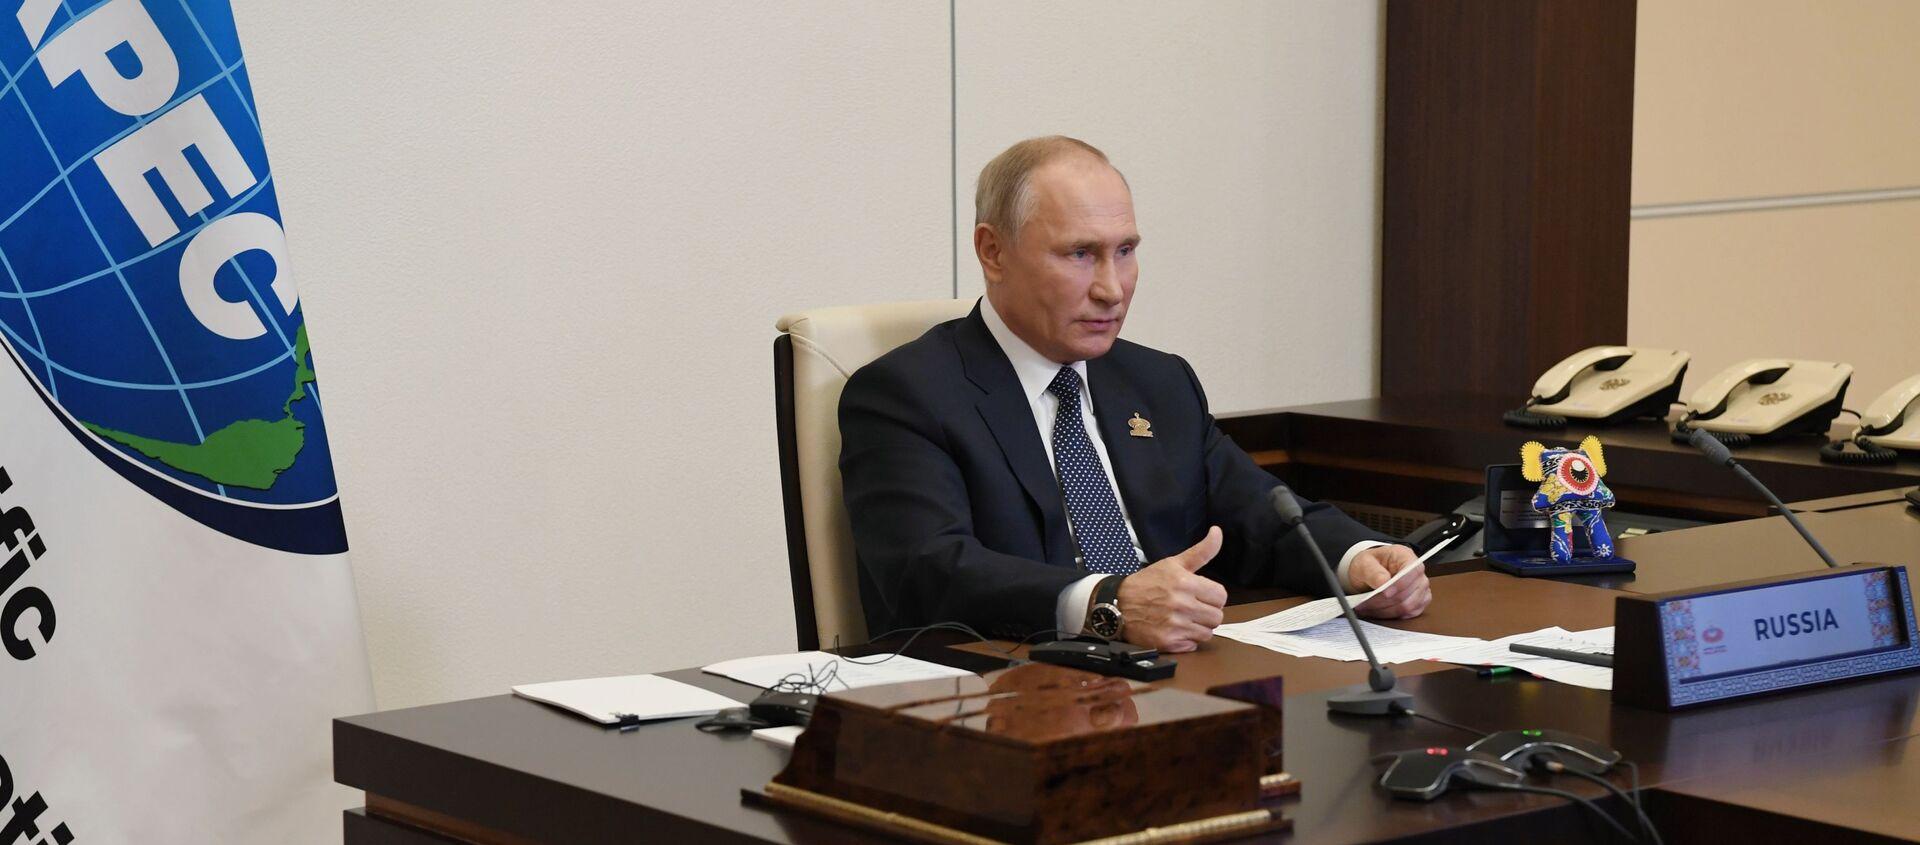 Tổng thống Nga V.Putin tham dự cuộc họp của các nhà lãnh đạo các nền kinh tế của Diễn đàn APEC - Sputnik Việt Nam, 1920, 20.11.2020